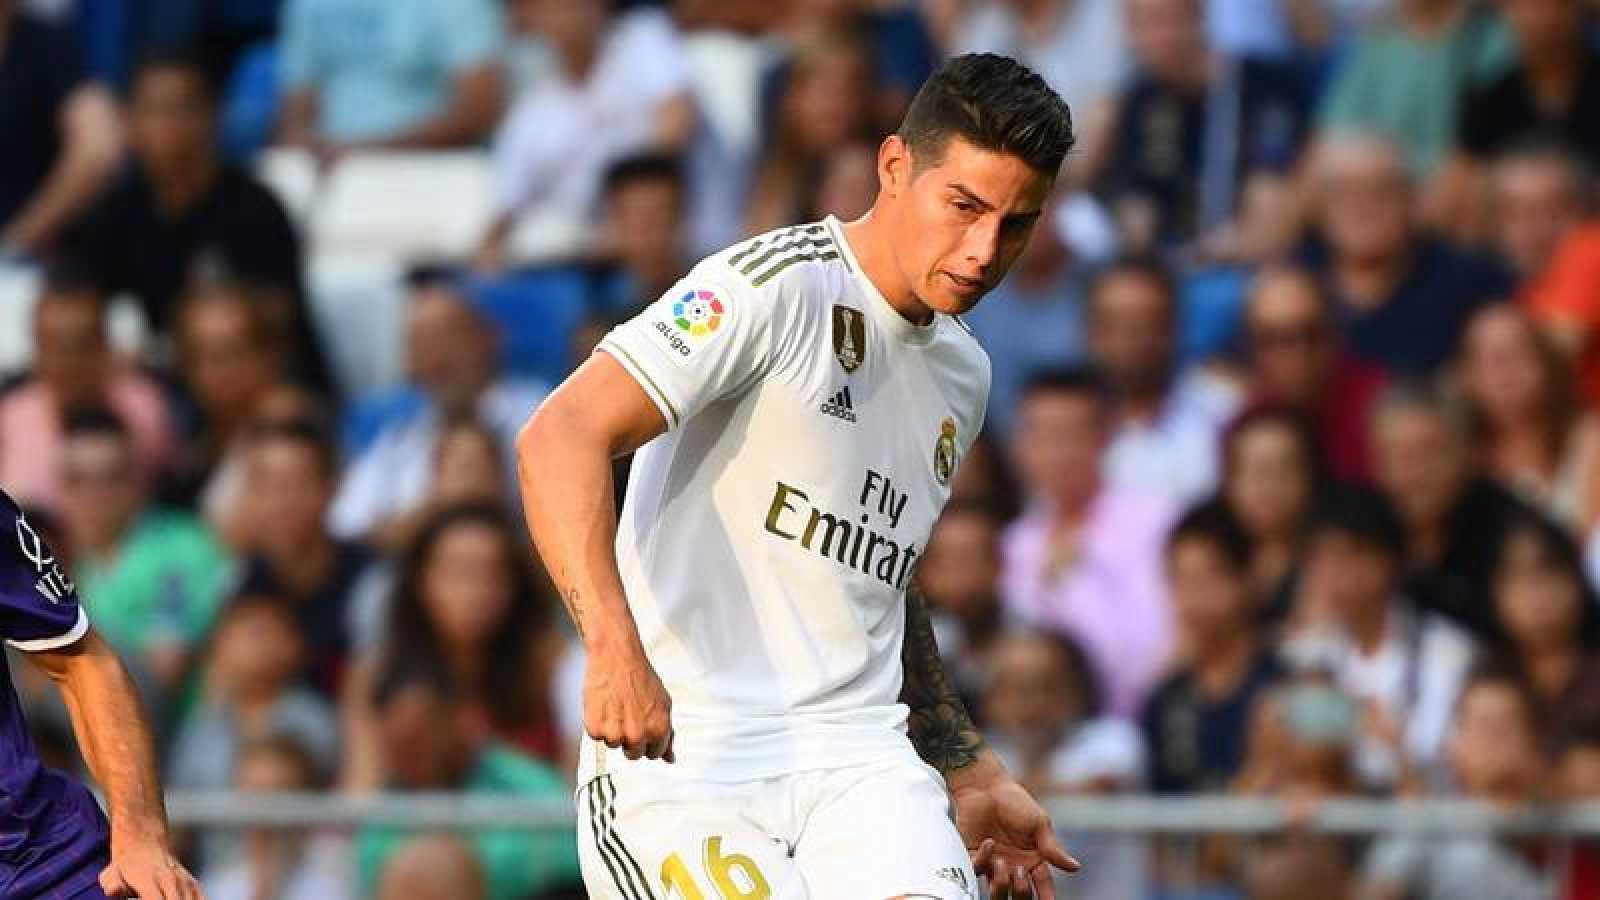 James Rodríguez sufre una lesión muscular en el sóleo derecho